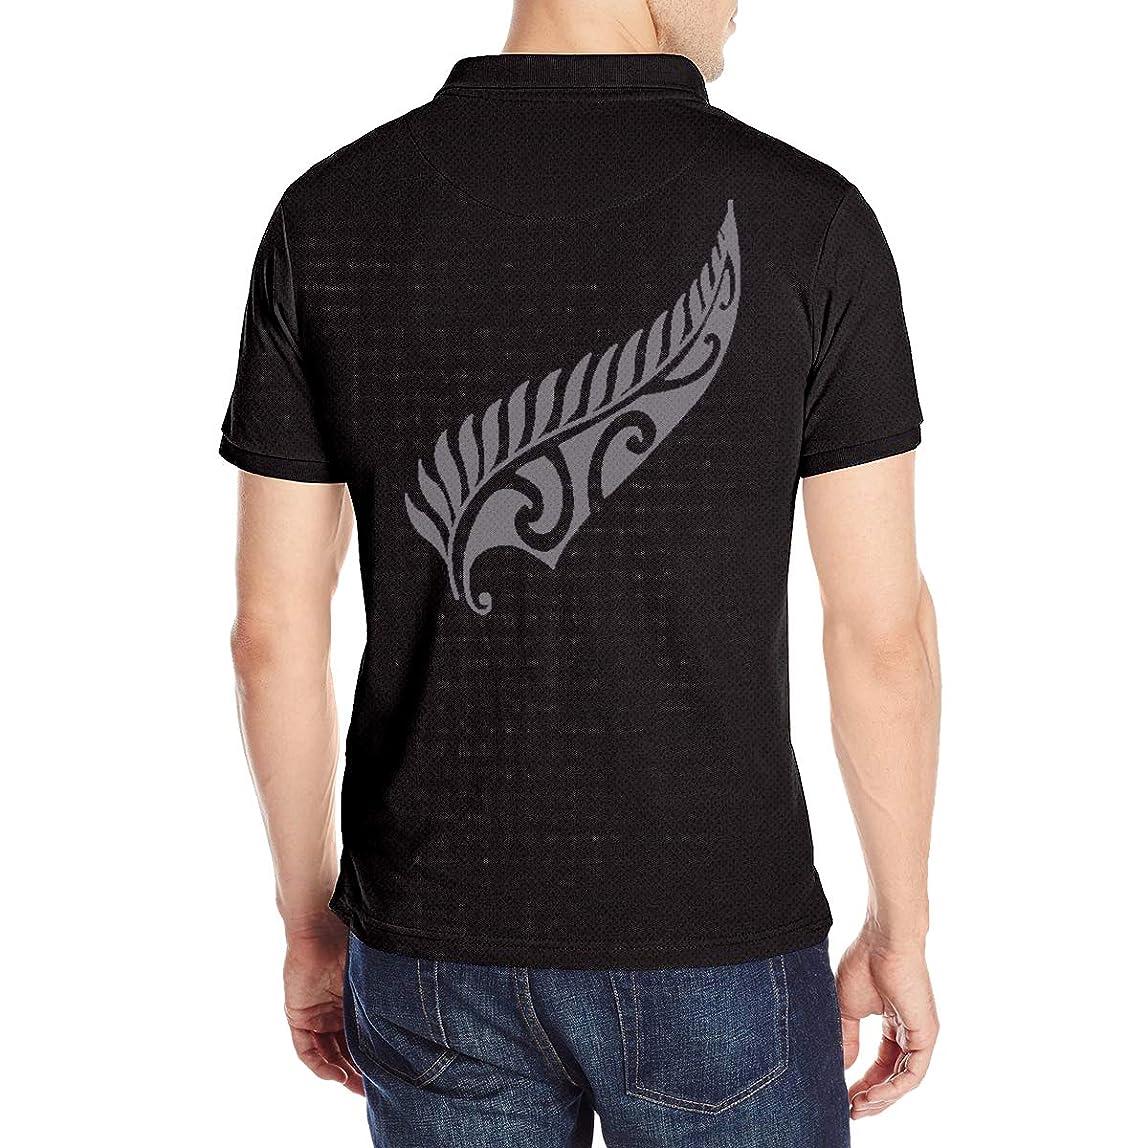 ロック解除痛い非難New Zealand Rugby ニュージーランドラグビー ポロシャツ 男の子 半袖 Polo Shirts 後ろプリント ゴルフウェア 吸汗速乾 春 夏 秋 おしゃれ ゴルフウェア クルーネック スポーツポロシャツ 柔らかい スポーツ 綿 快適 S~2XL